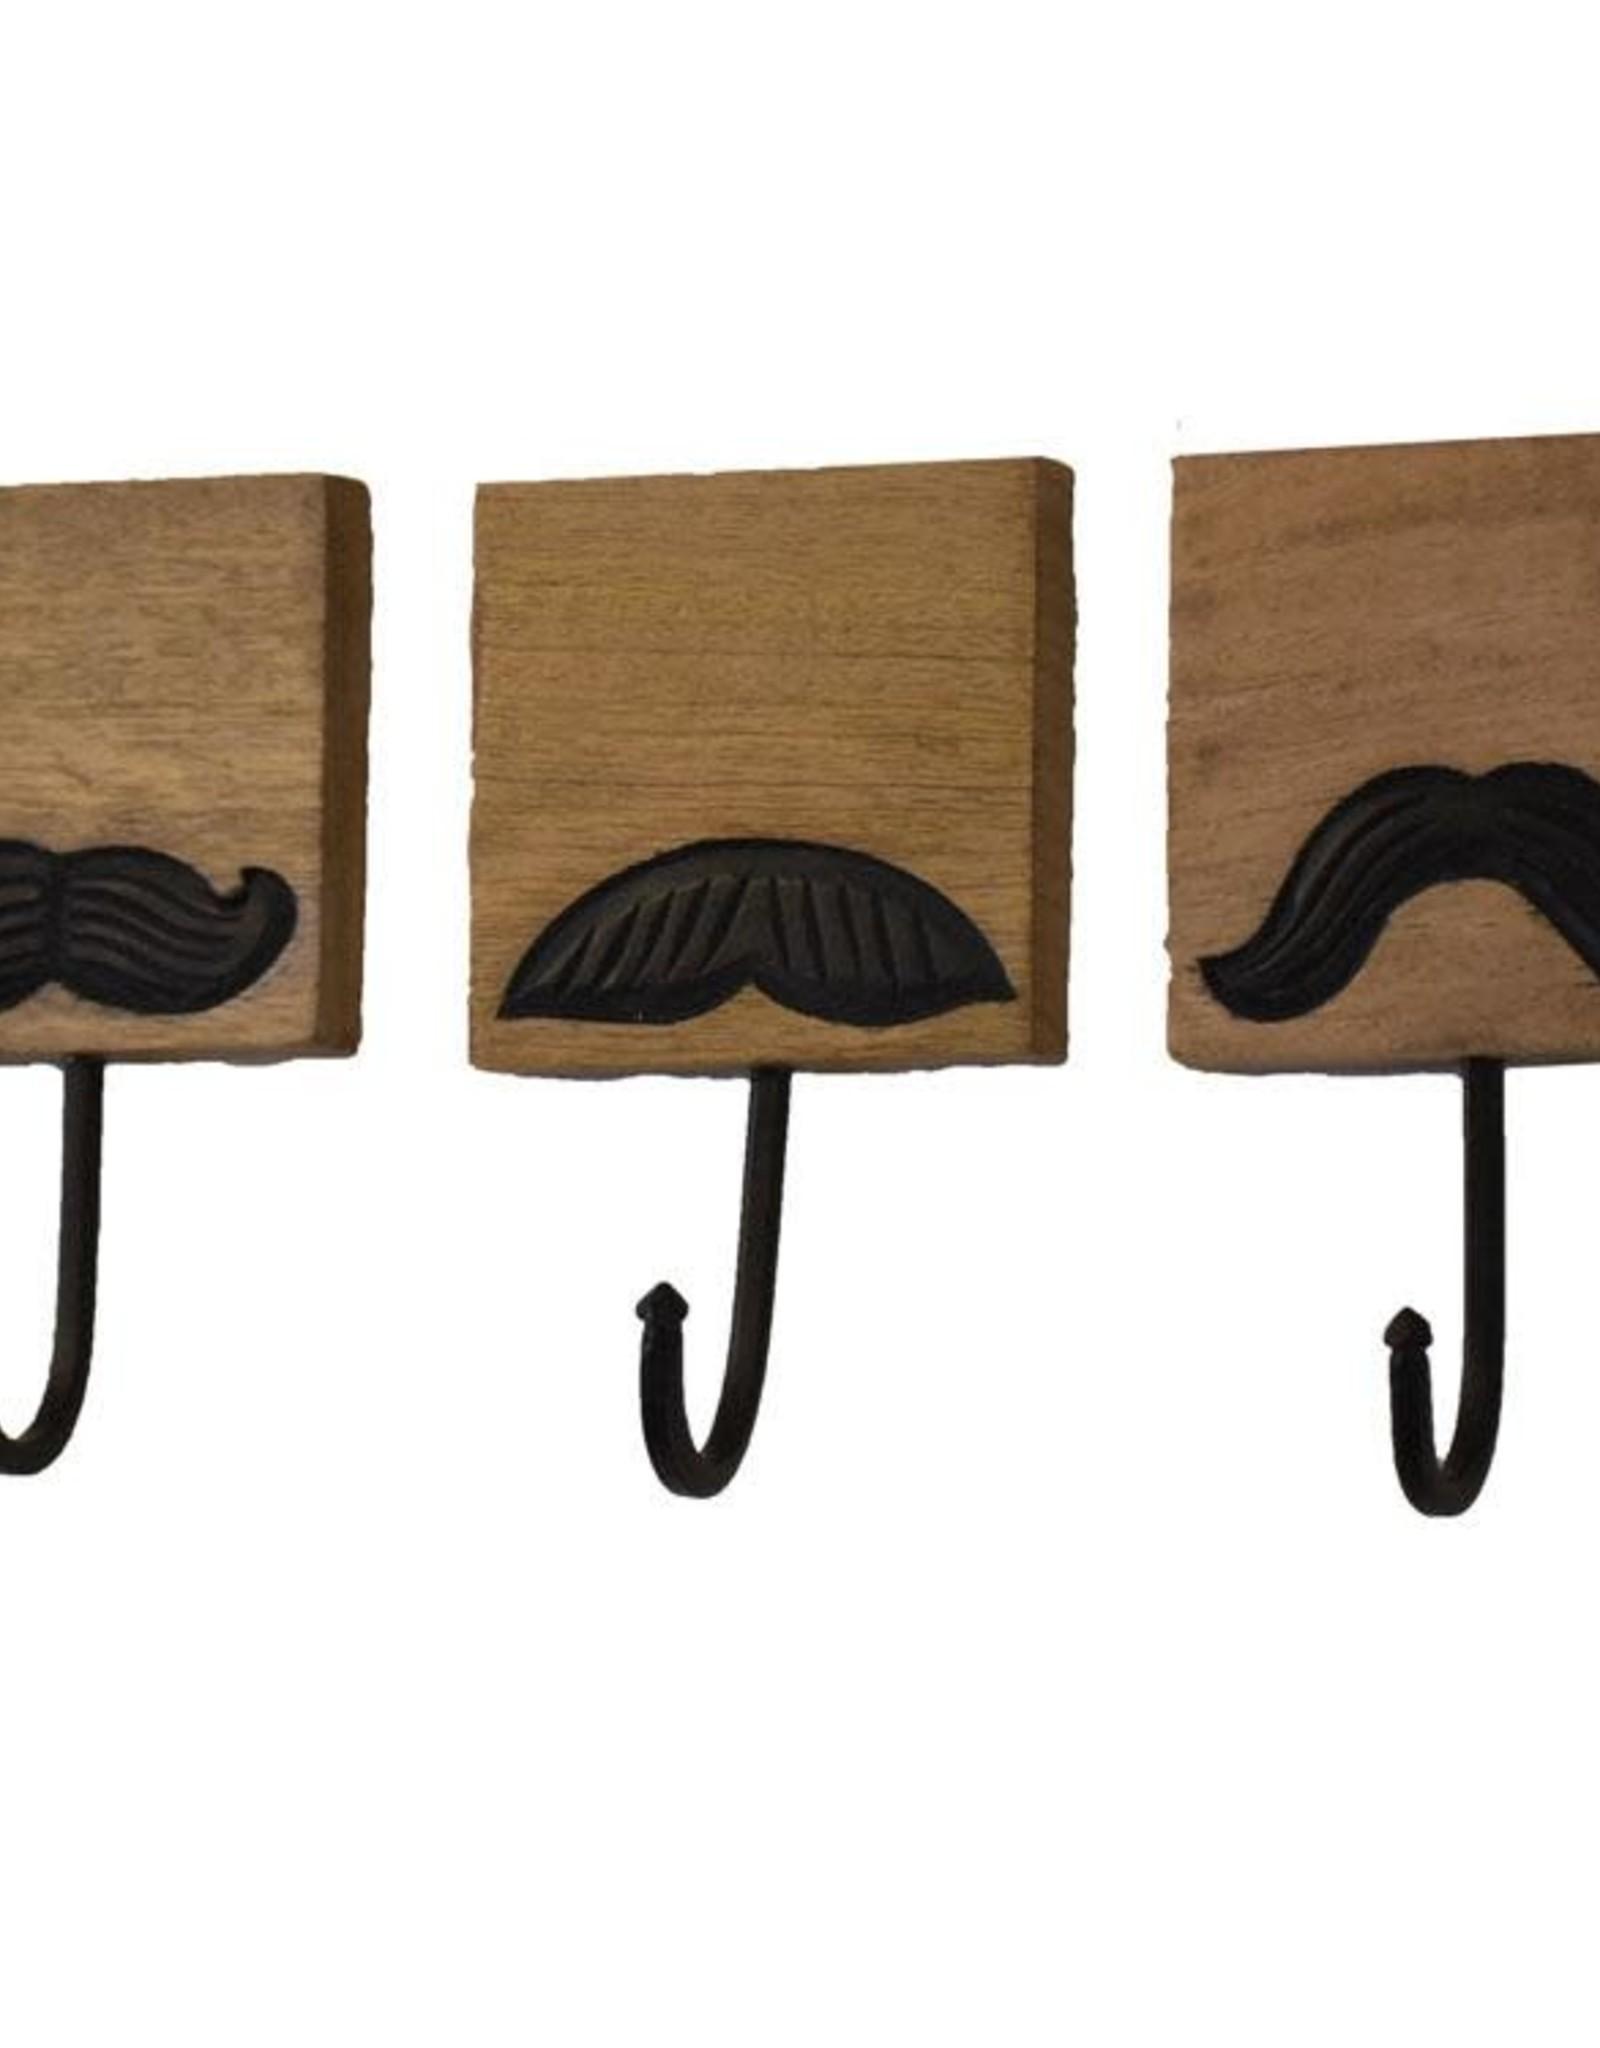 Mira Fair Trade BOX Mustache Hooks